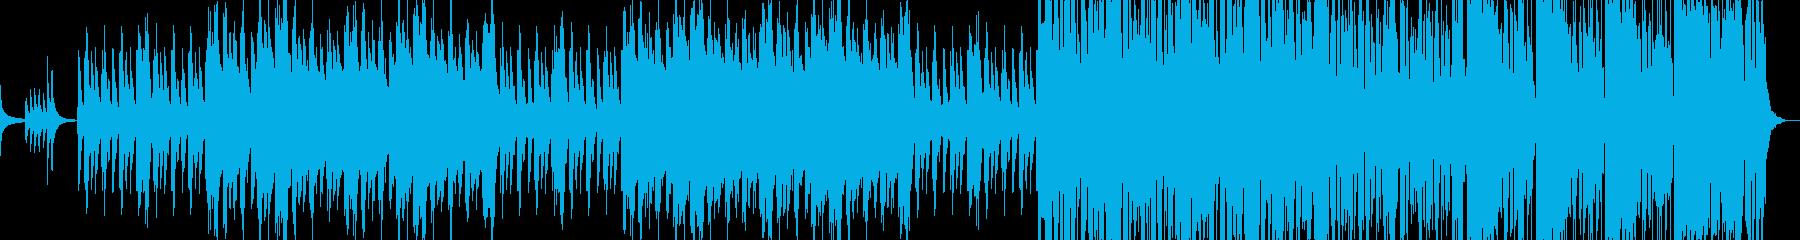 正月をイメージした小曲の再生済みの波形